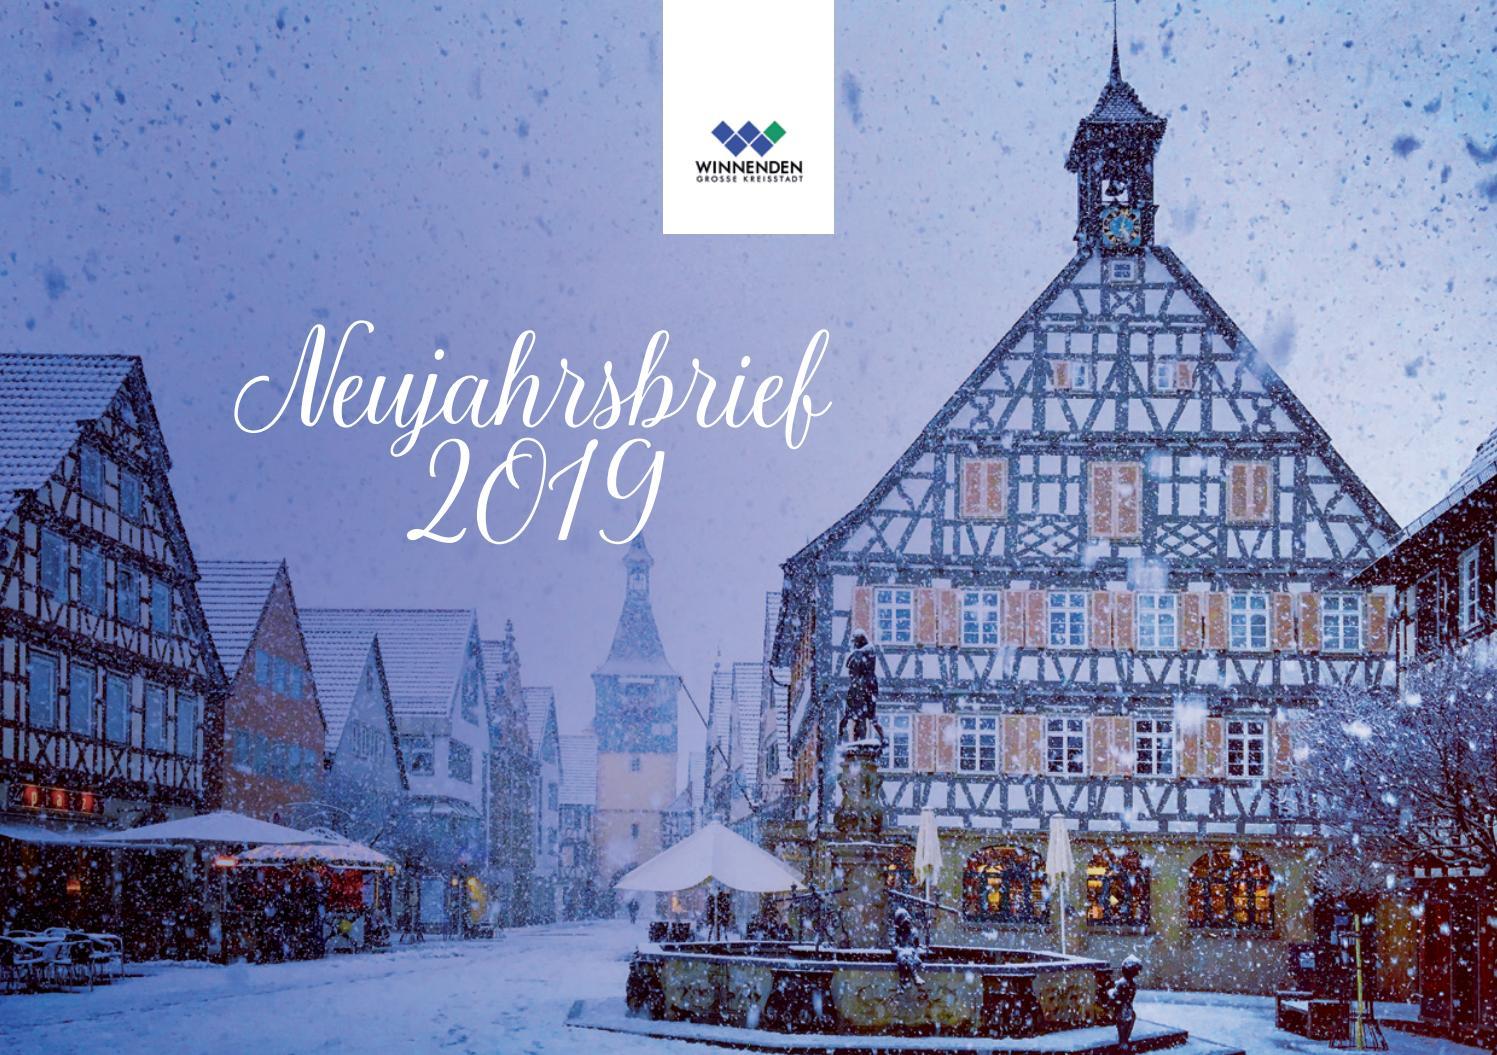 Weihnachtsmarkt Winnenden.Stadt Winnenden Neujahrsbrief 2019 By Konzerttagewinnenden Issuu